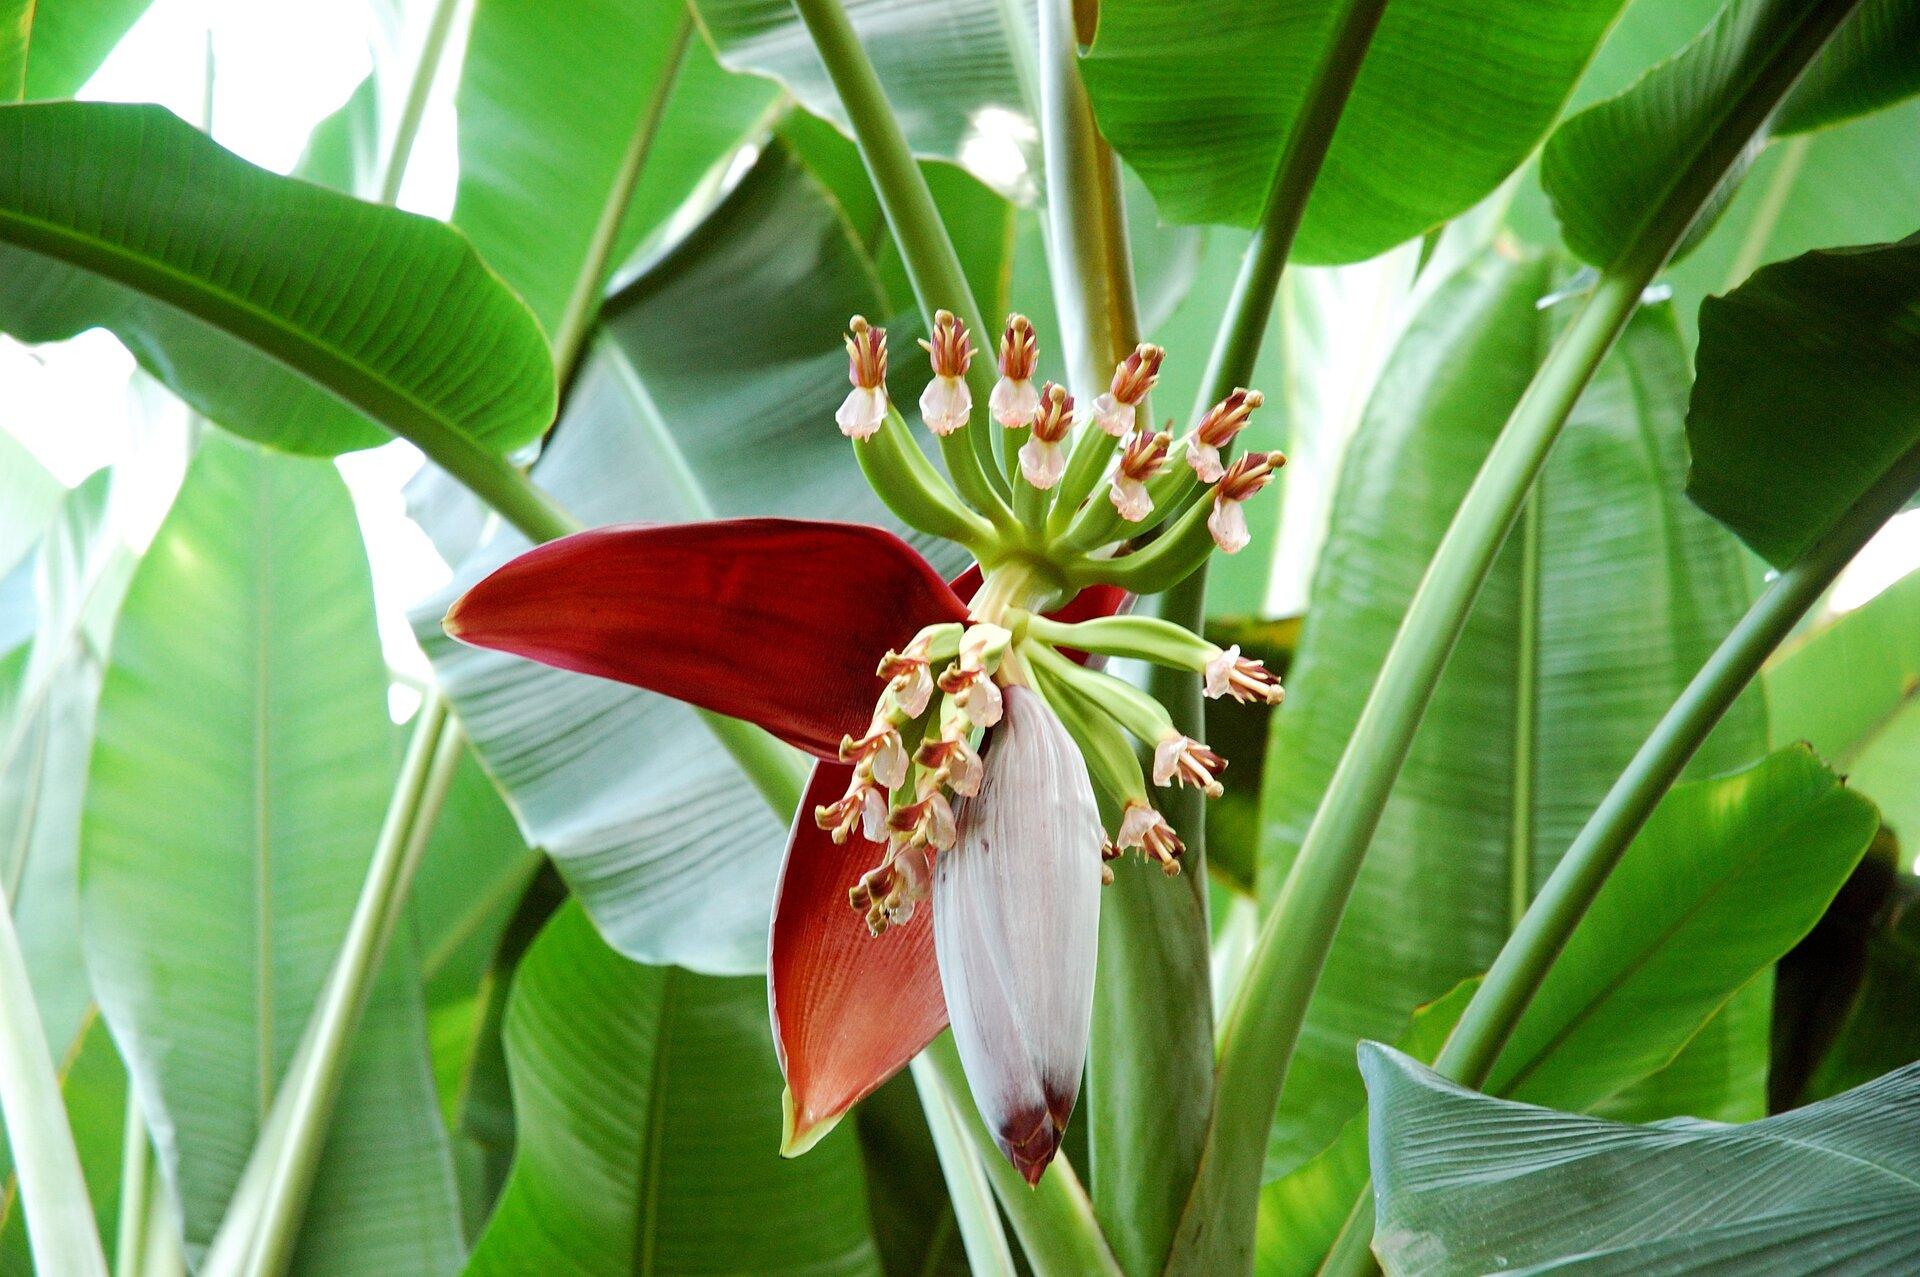 Fotografia druga prezentuje kwitnącego bananowca. Na środku fotografii widoczny kwiatostan osłonięty czerwonymi ibiałymi płatkami. Wtle szerokie zielone liście bananowca.